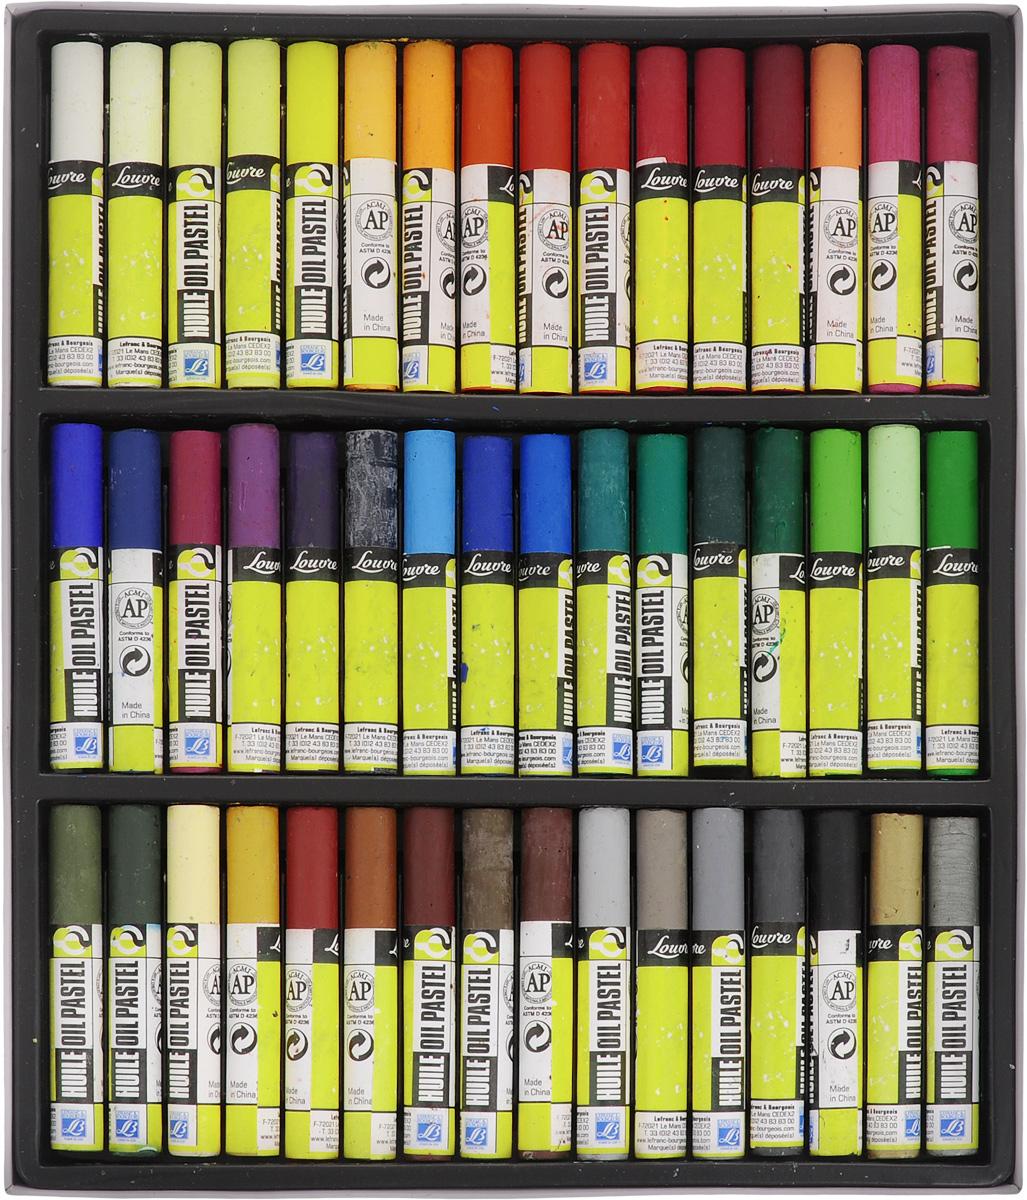 Набор масляной пастели Lefranc & Bourgeois Louvre, 48 штLF806309Набор Lefranc & Bourgeois Louvre состоит из 48 мелков масляной пастели разных цветов. Пастель мерцающая и мягкая. Каждый мелок защищен оболочкой, что создает дополнительные удобства для использования. Пастель может применяться разными способами: - для создания эффекта прозрачности ее используют с уайт-спиритом, - для получения пастозного эффекта кончик мелка нагревают и в размягченном виде наносят на бумагу при помощи мастихина. Длина мелка: 7 см. Комплектация: 48 шт.